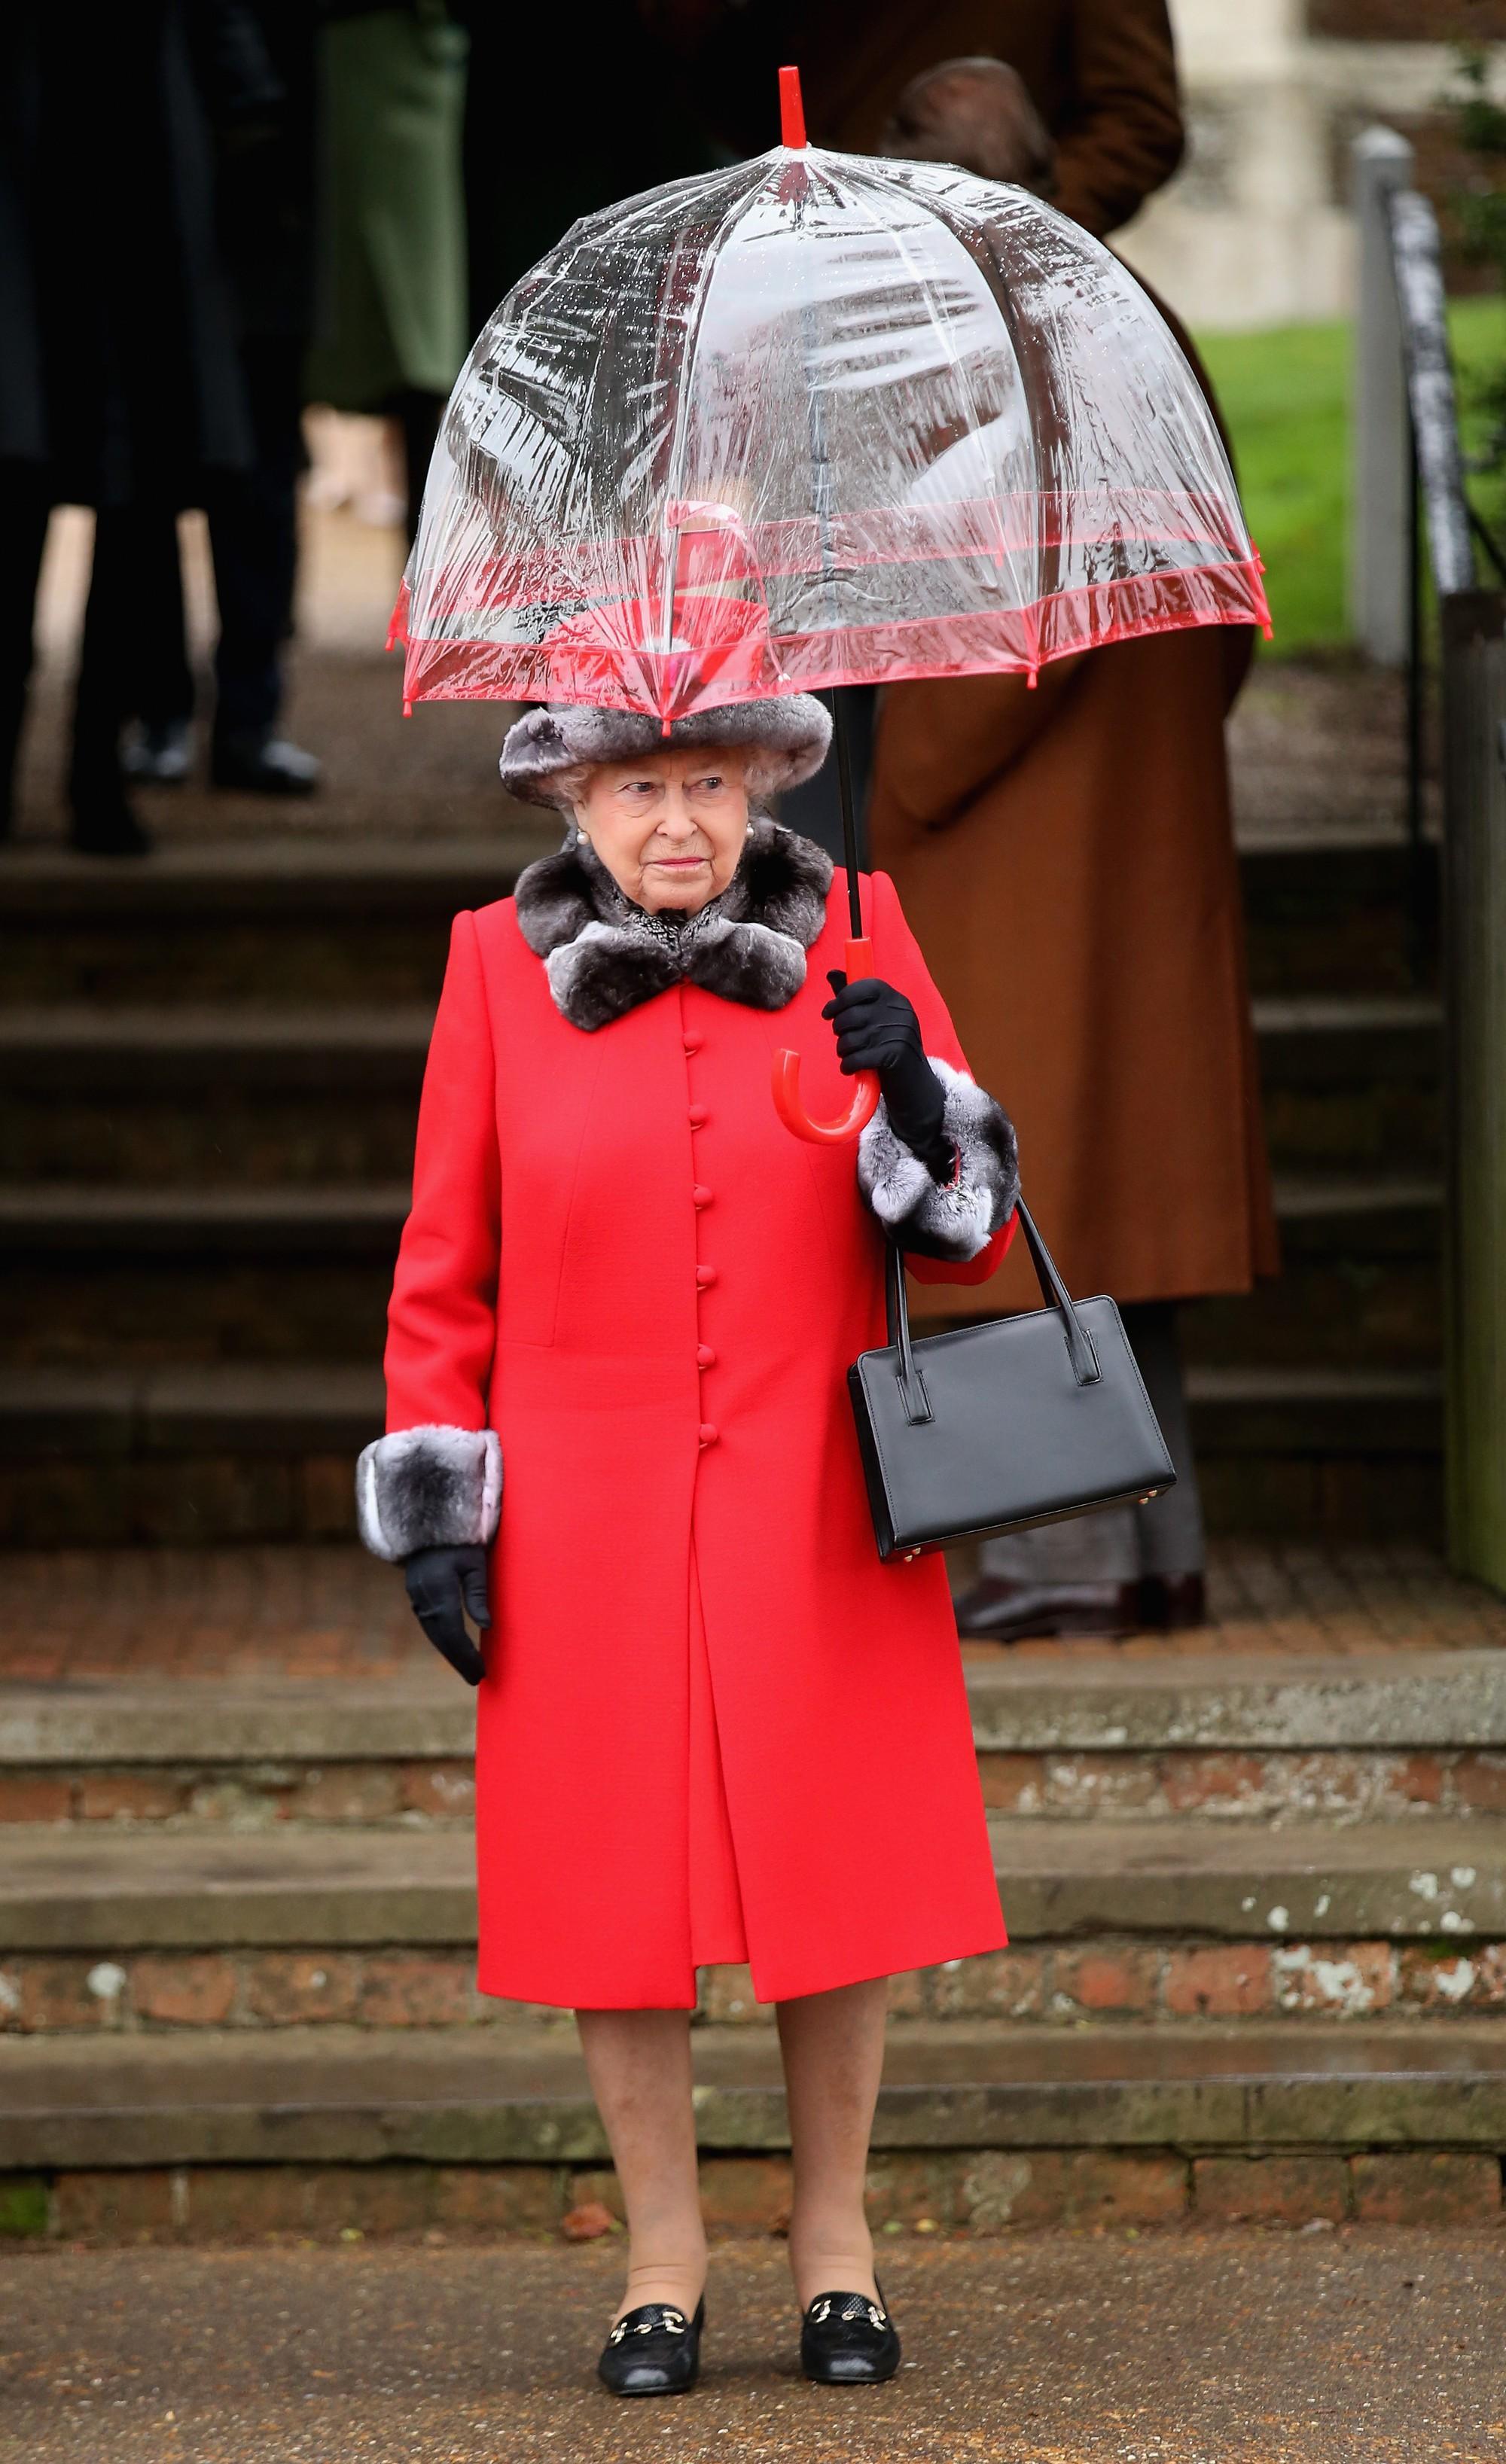 Ngoài gu diện đồ sặc sỡ, Nữ hoàng Anh còn có 5 bí mật làm nên phong cách thời trang không thể trộn lẫn - Ảnh 11.